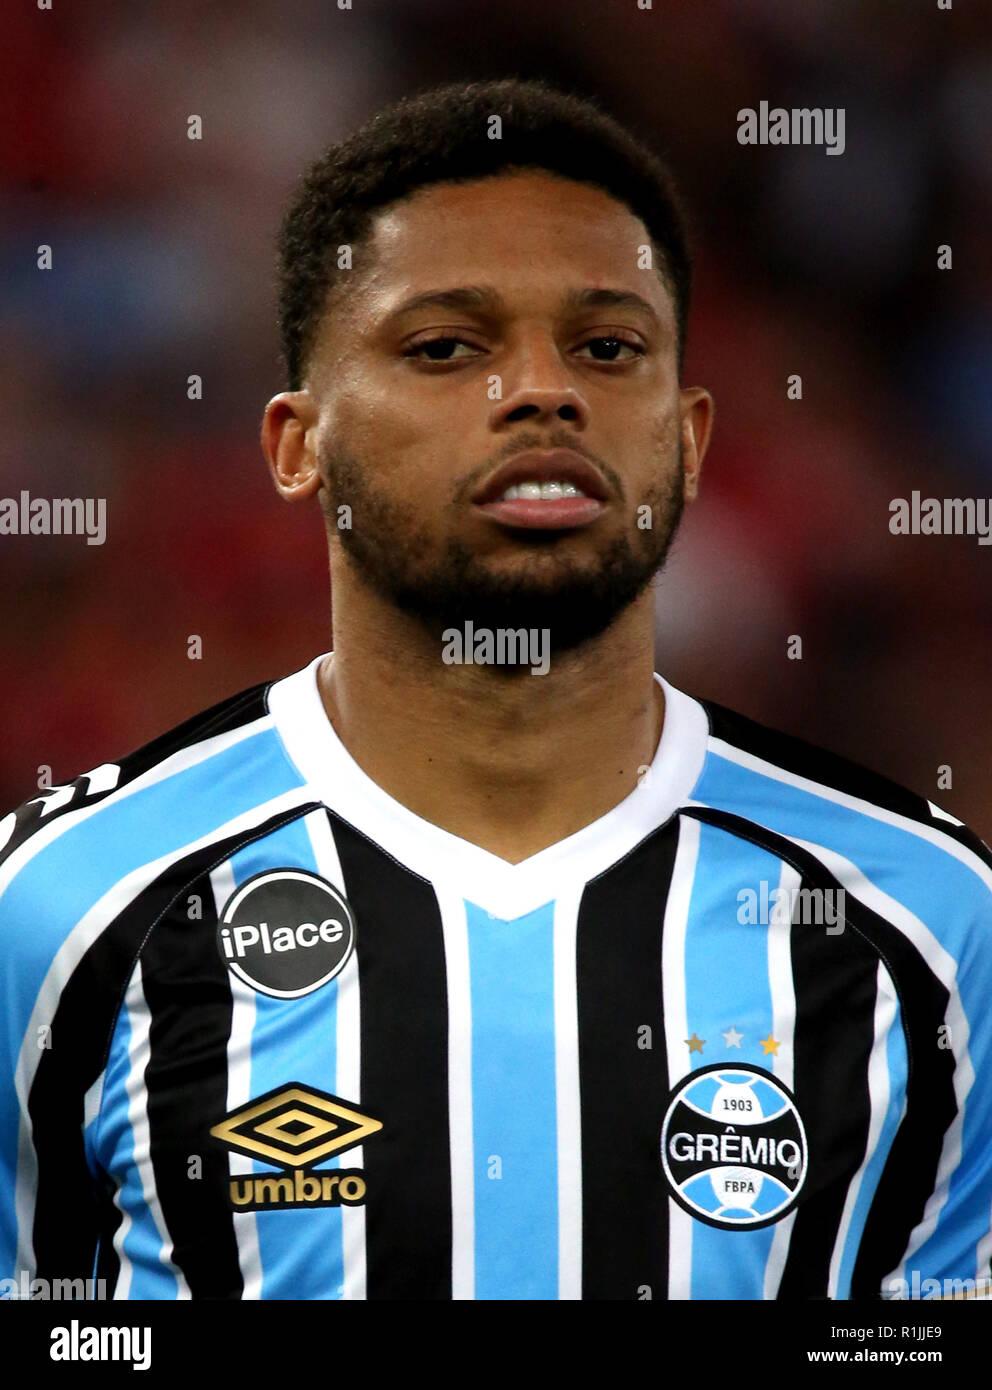 838b9bf461 Brazilian Football League Serie A 2018   ( Gremio Foot-Ball Porto Alegrense  ) - Andre Felipe Ribeiro de Souza